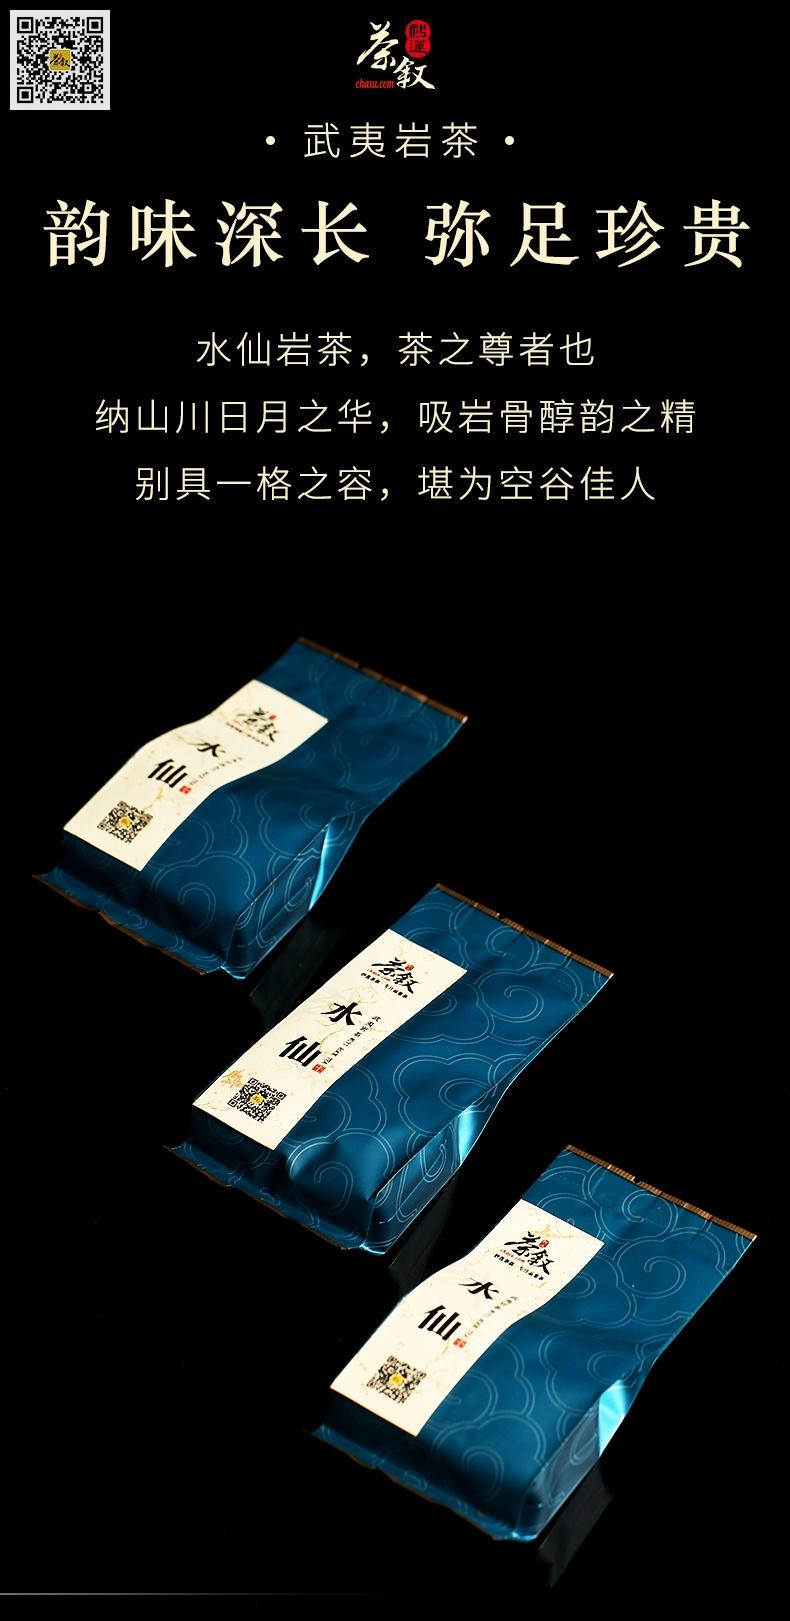 水仙岩茶工作茶泡袋包装方式